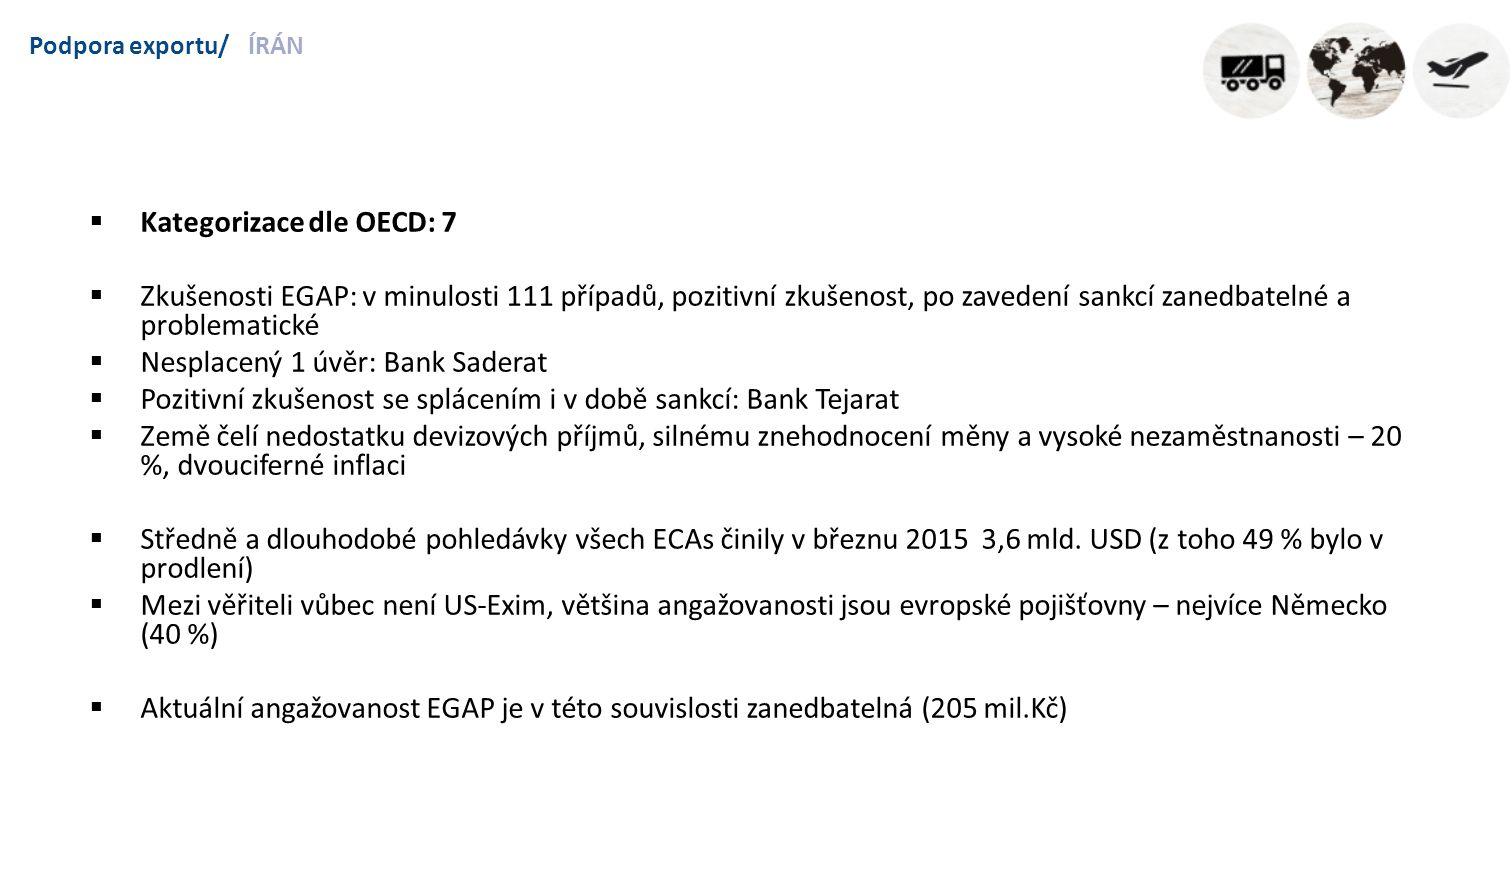 Podpora exportu/ÍRÁN  Kategorizace dle OECD: 7  Zkušenosti EGAP: v minulosti 111 případů, pozitivní zkušenost, po zavedení sankcí zanedbatelné a problematické  Nesplacený 1 úvěr: Bank Saderat  Pozitivní zkušenost se splácením i v době sankcí: Bank Tejarat  Země čelí nedostatku devizových příjmů, silnému znehodnocení měny a vysoké nezaměstnanosti – 20 %, dvouciferné inflaci  Středně a dlouhodobé pohledávky všech ECAs činily v březnu 2015 3,6 mld.